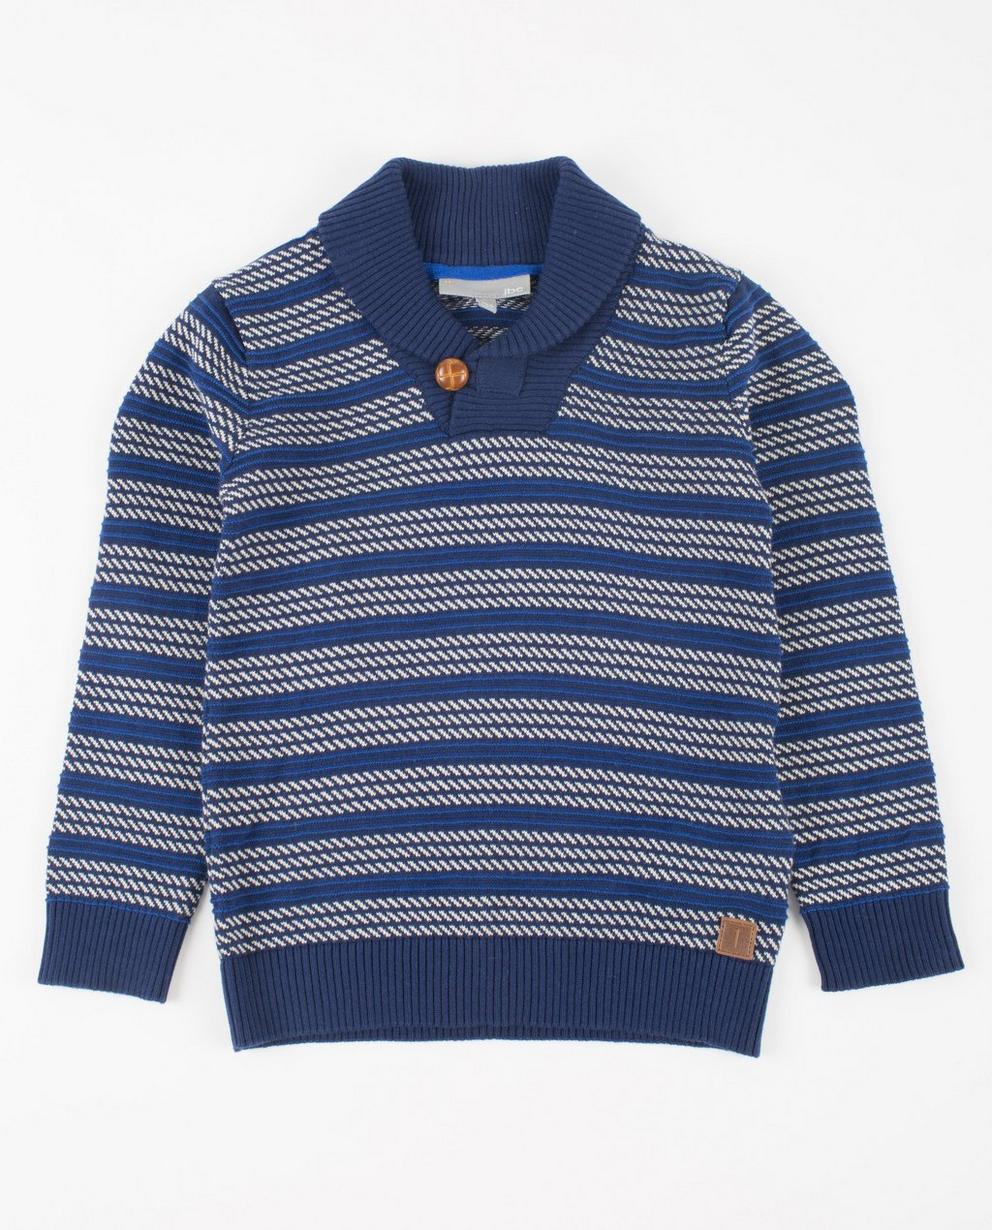 Pulls - navy - Blauwe trui met patroon